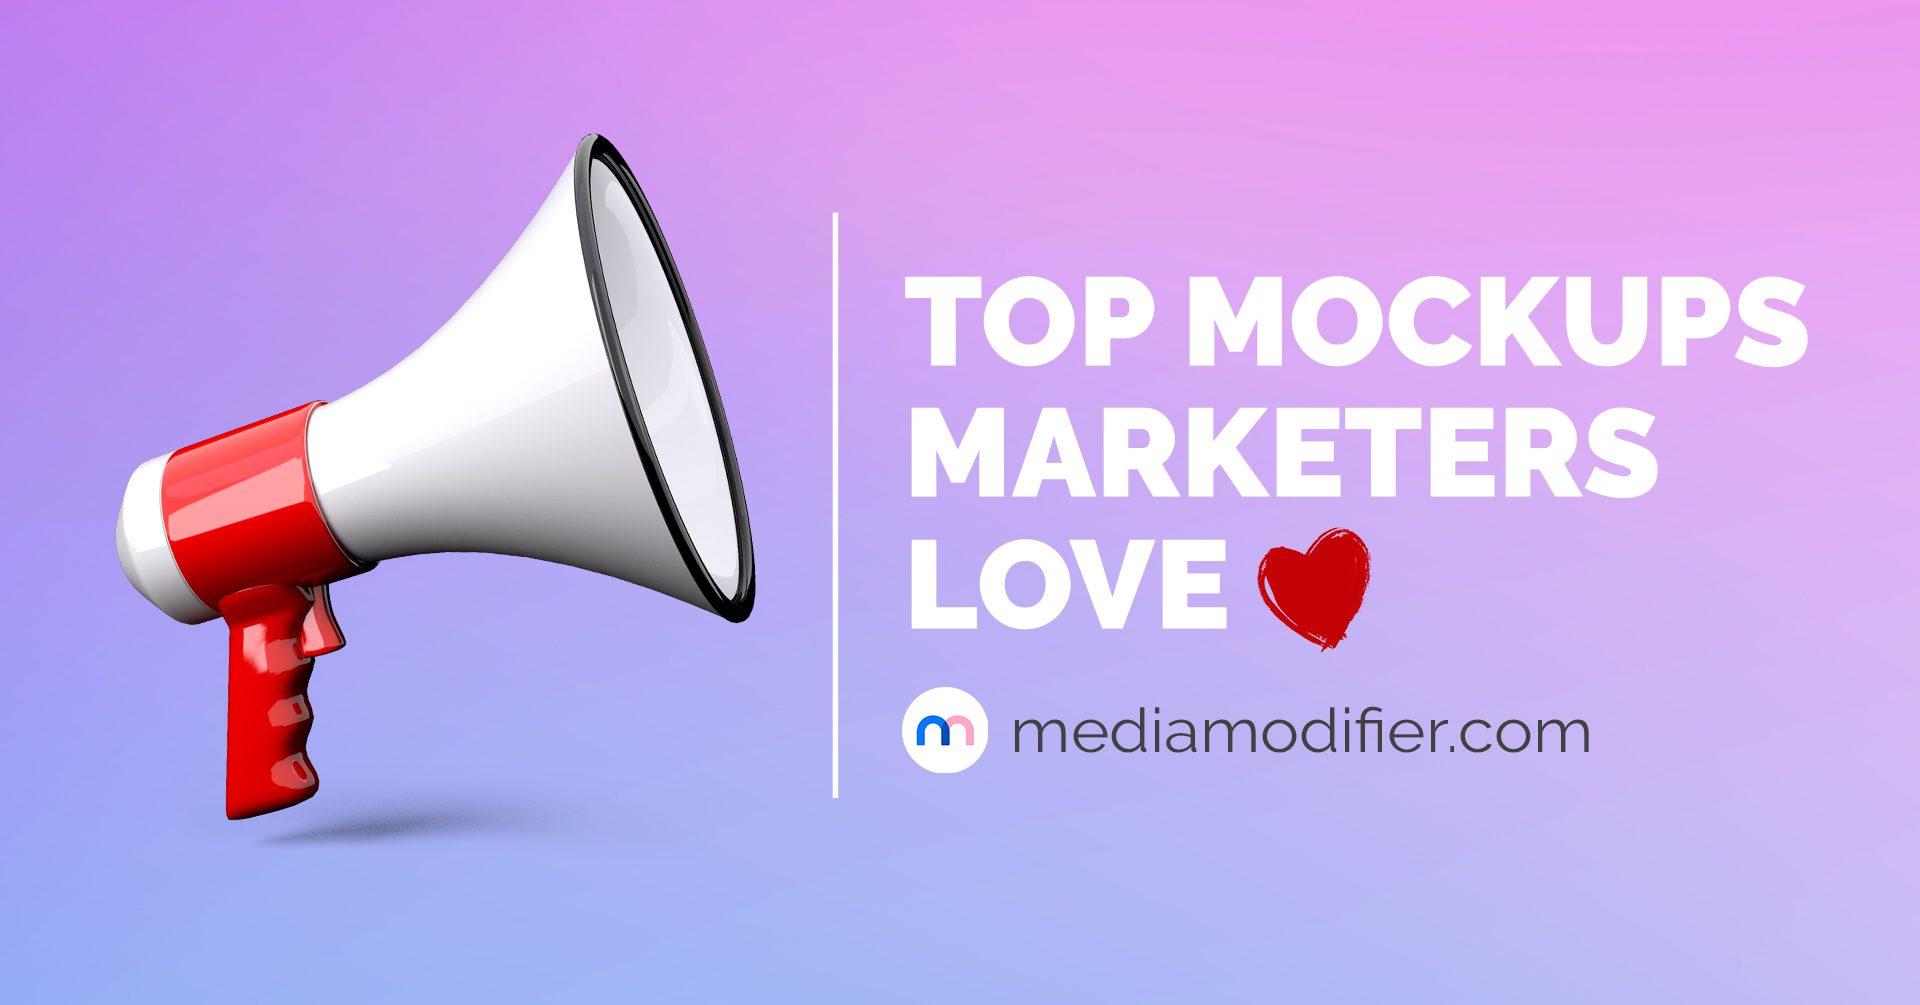 best mockups for marketing